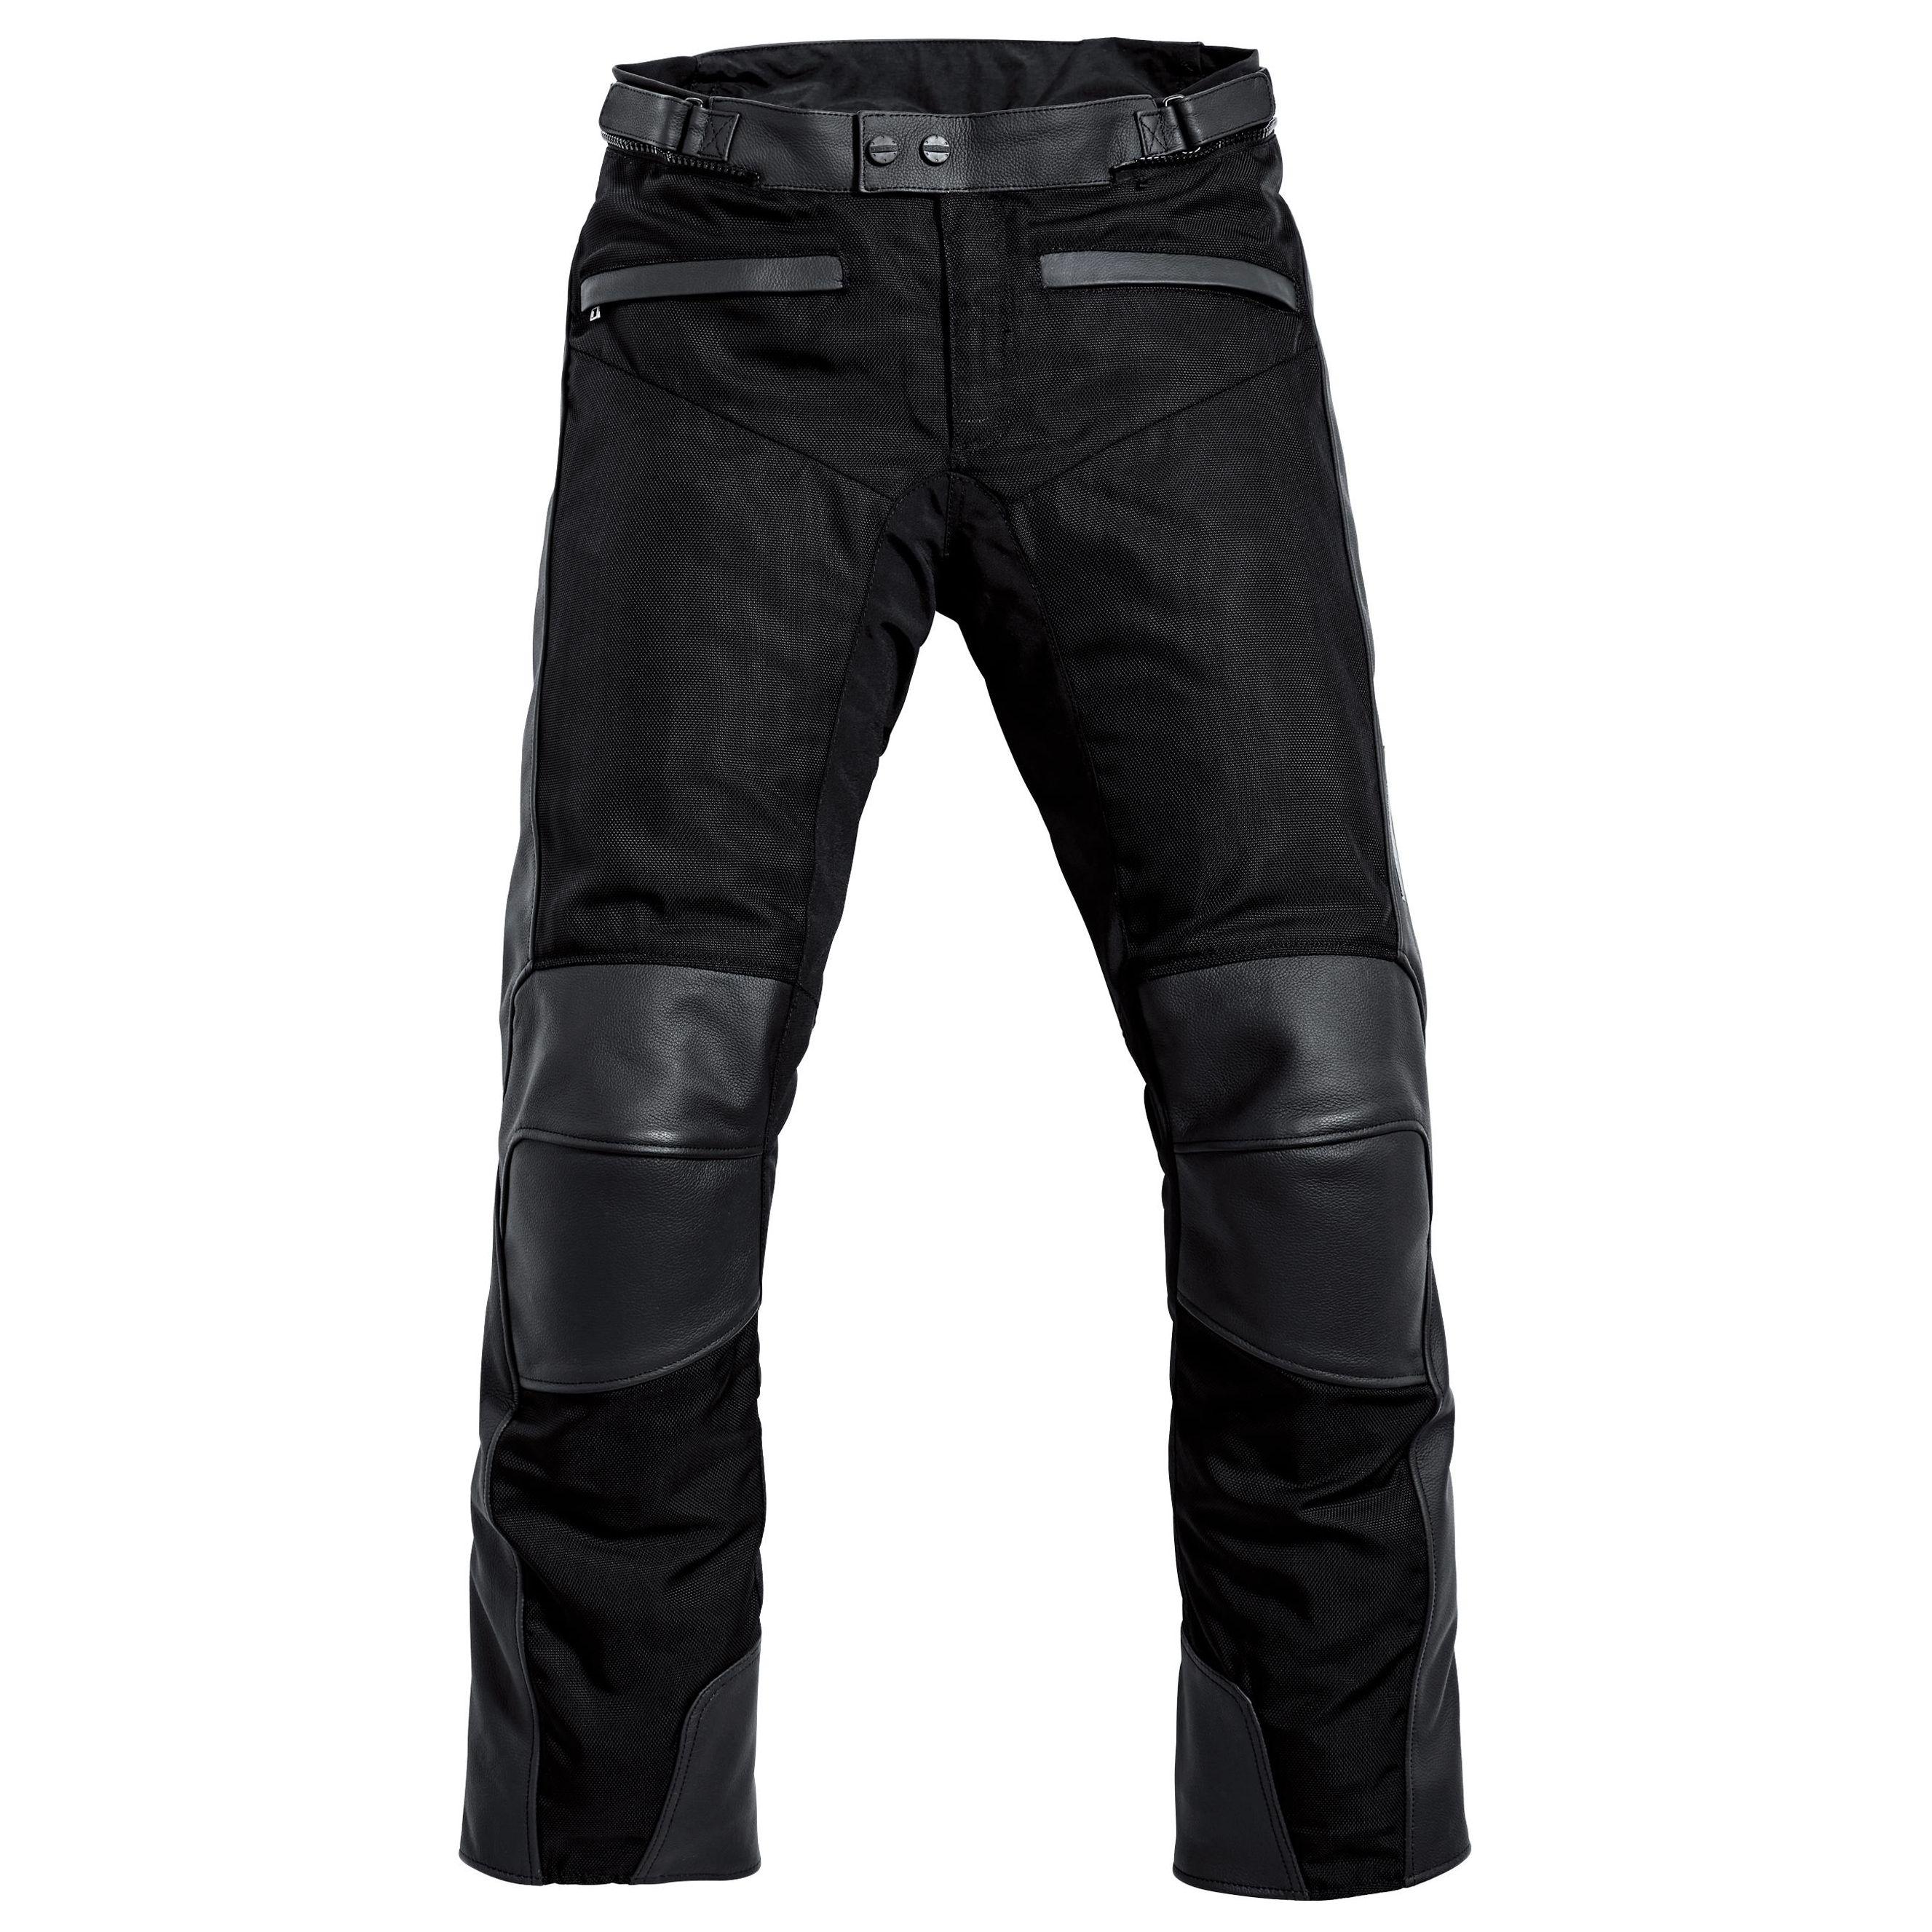 Pantalon Mohawk Touring 3.0